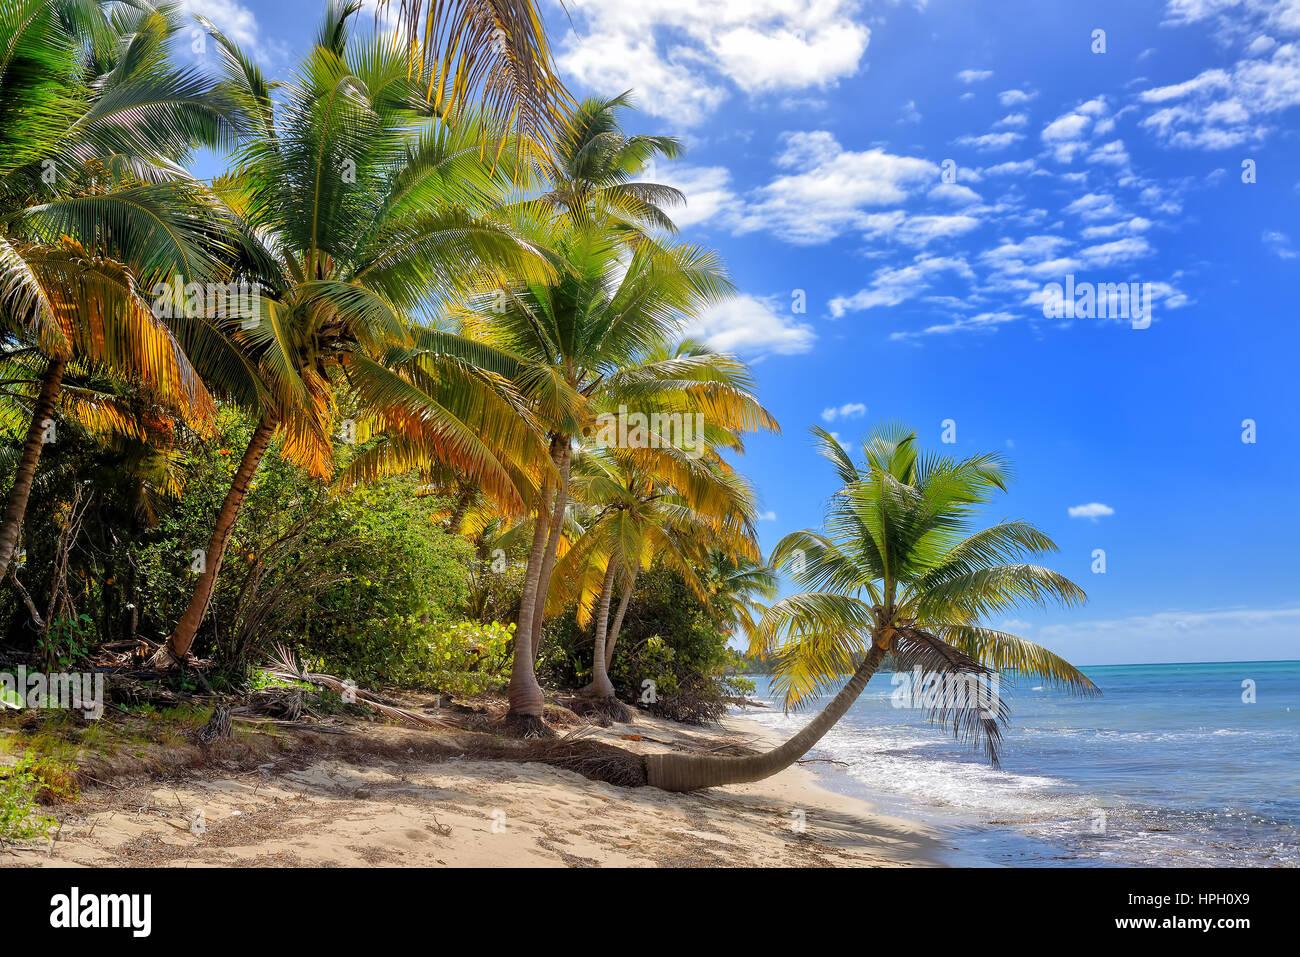 Scieries de plage de sable blanc avec des palmiers. L'île de Saona, République Dominicaine Banque D'Images